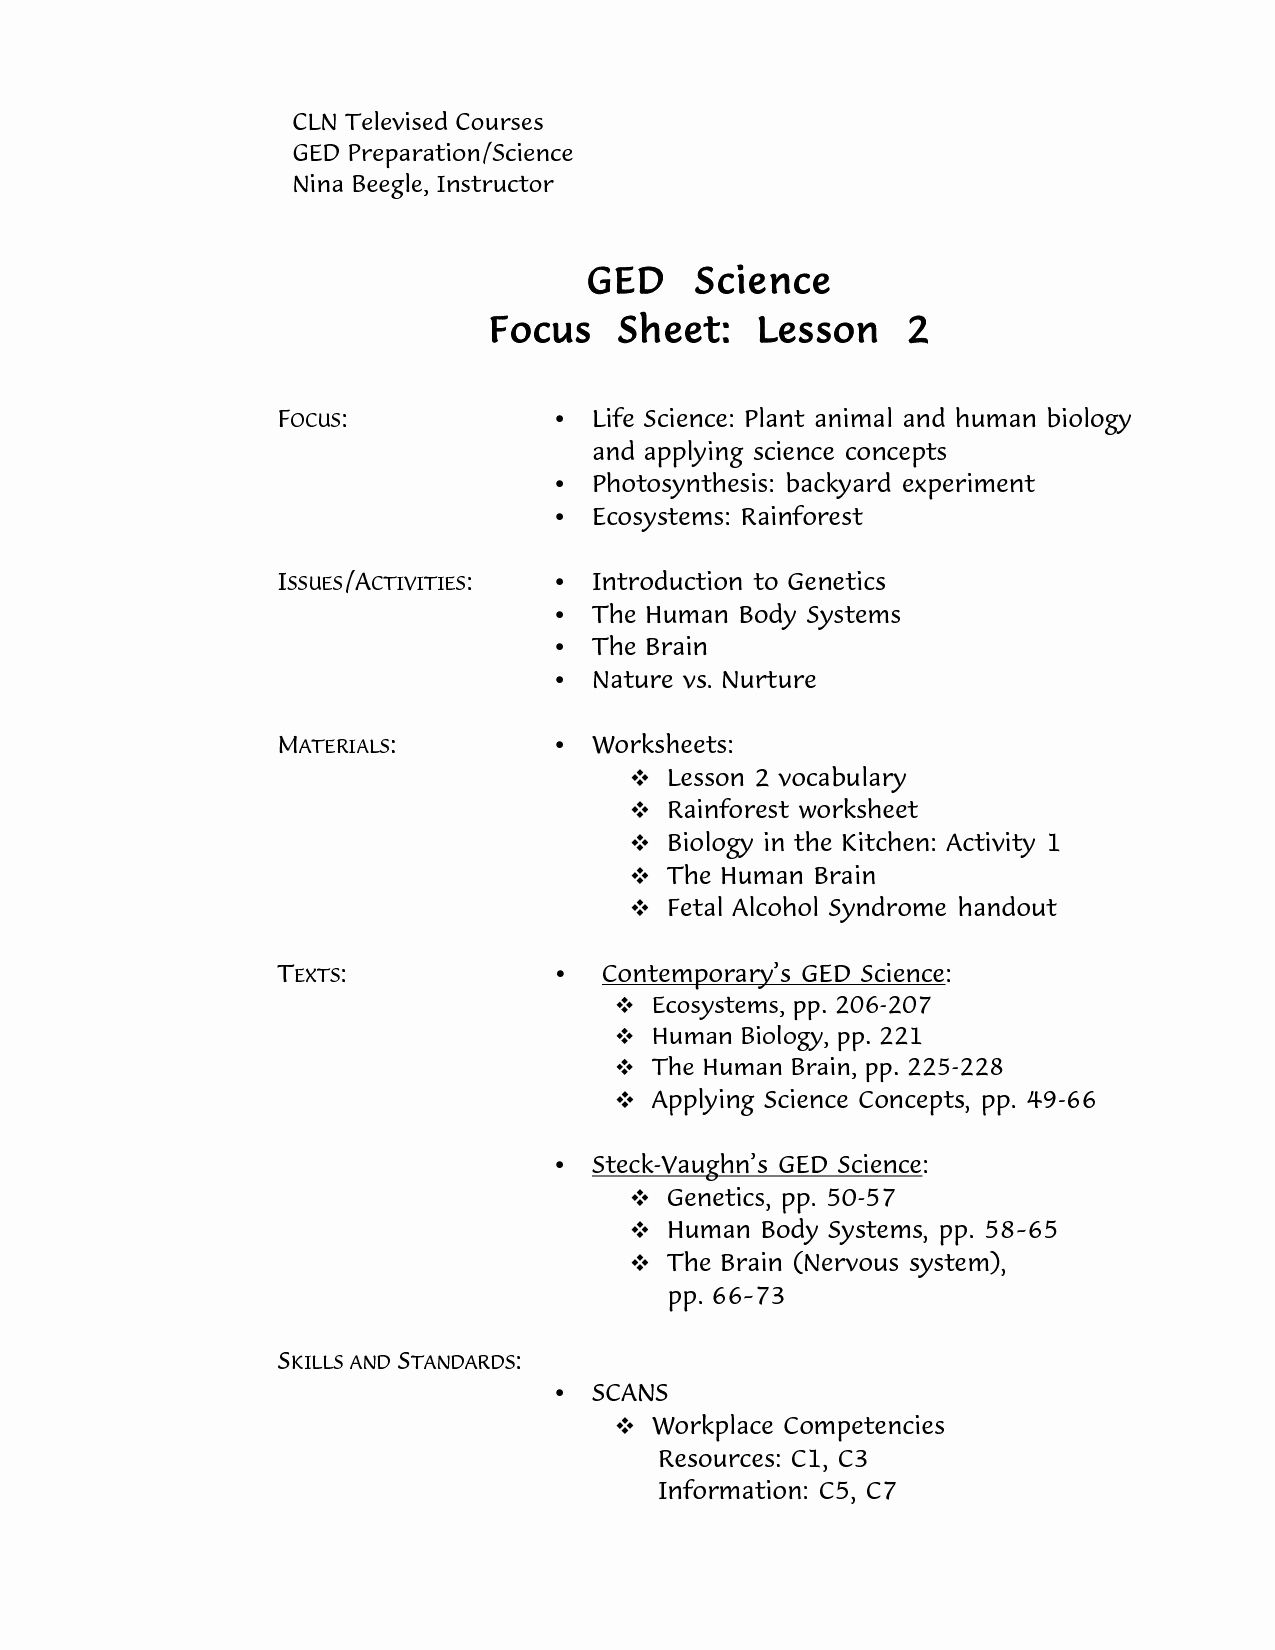 Printable Ged Practice Worksheets Pdf - Happy Living - Free   Printable Ged Science Practice Worksheets